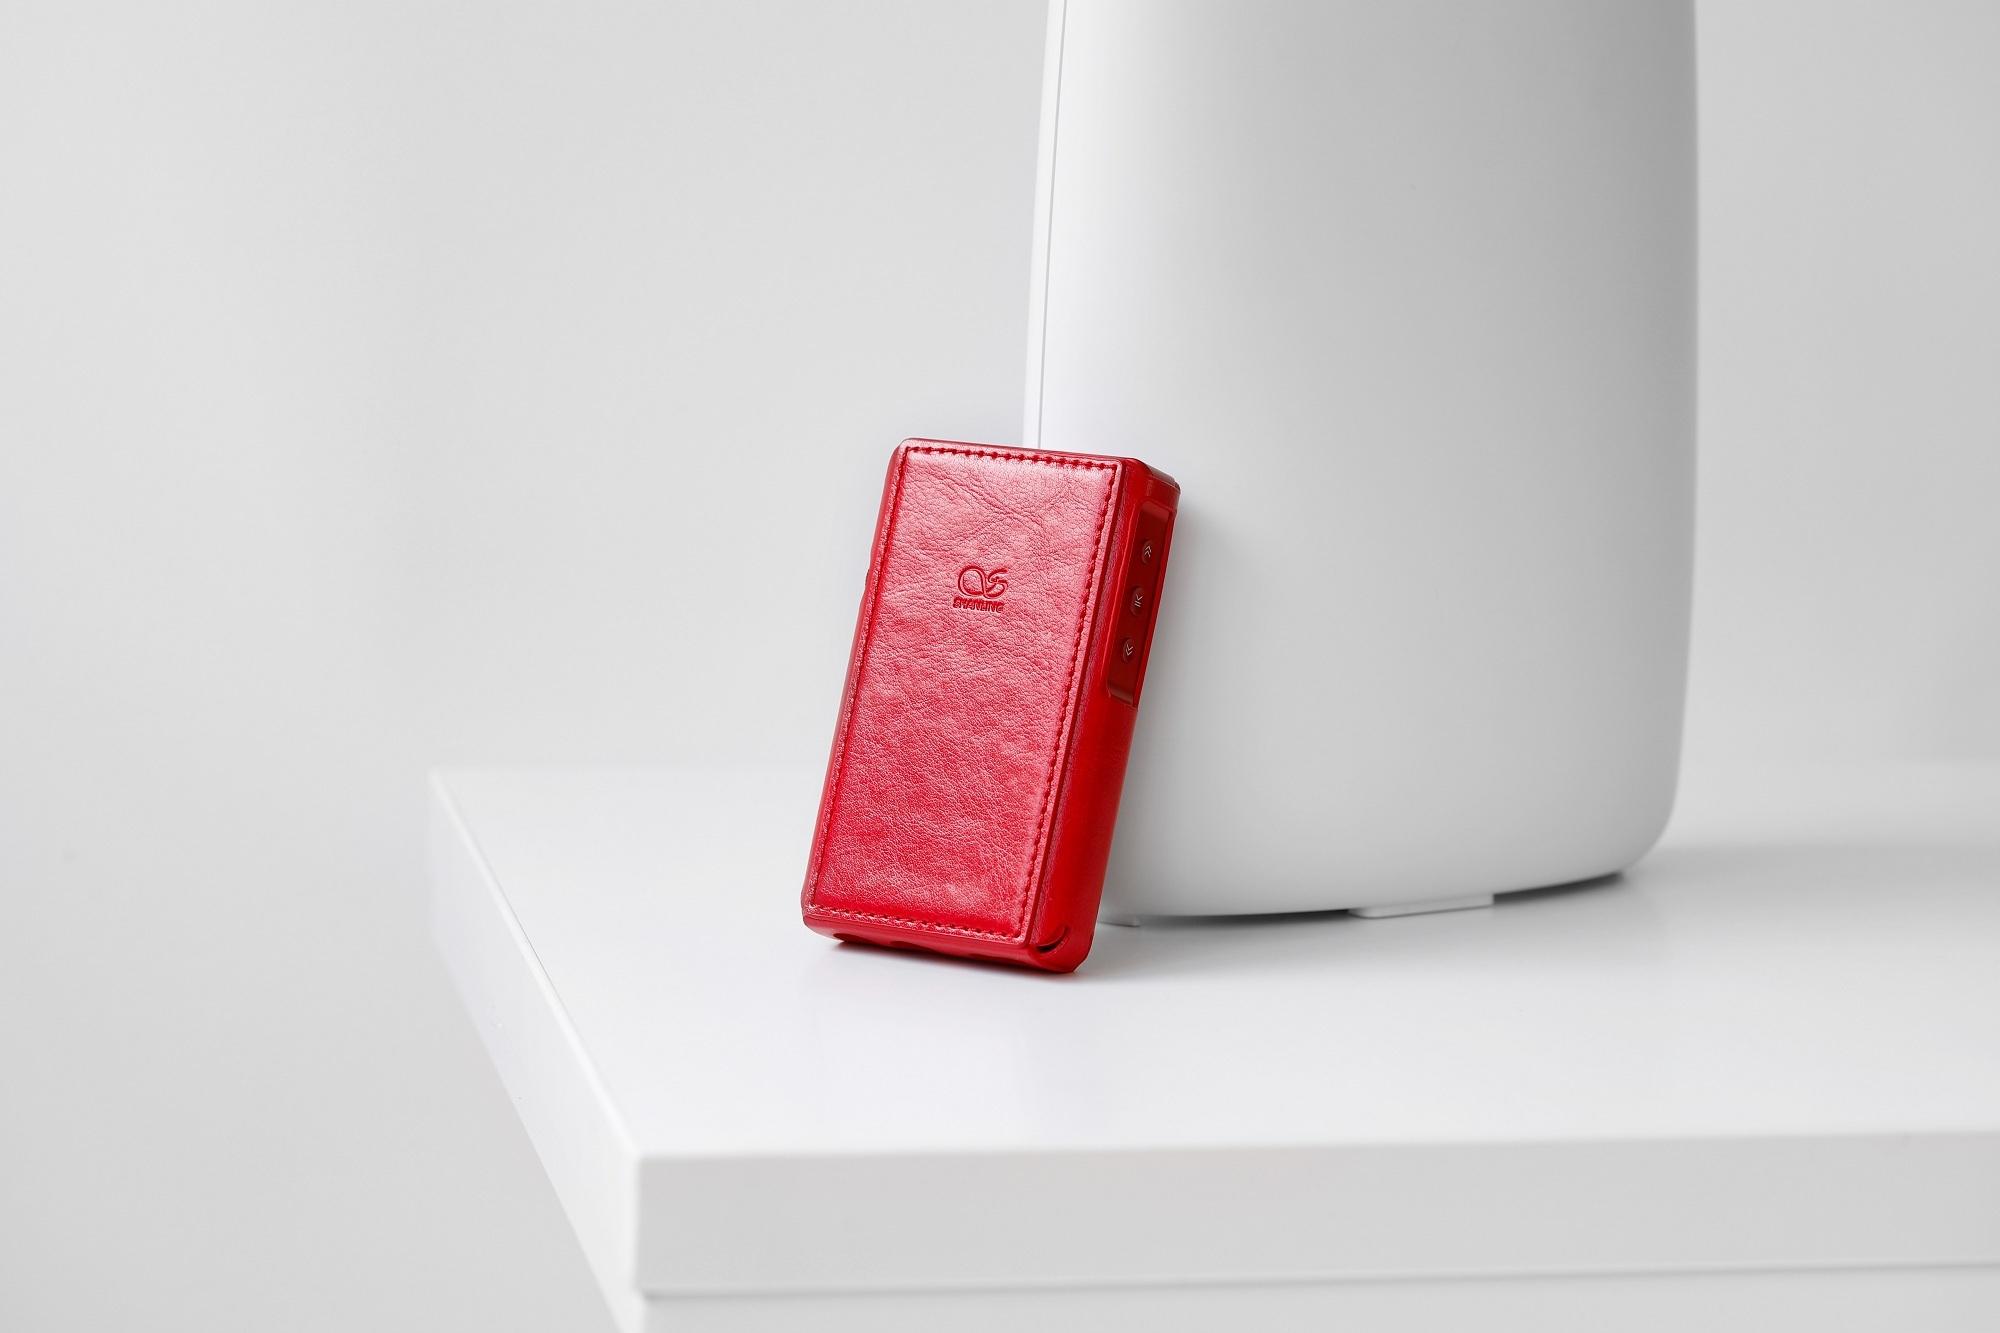 Чехол для плеера Shanling M2x. Цвет: красный.